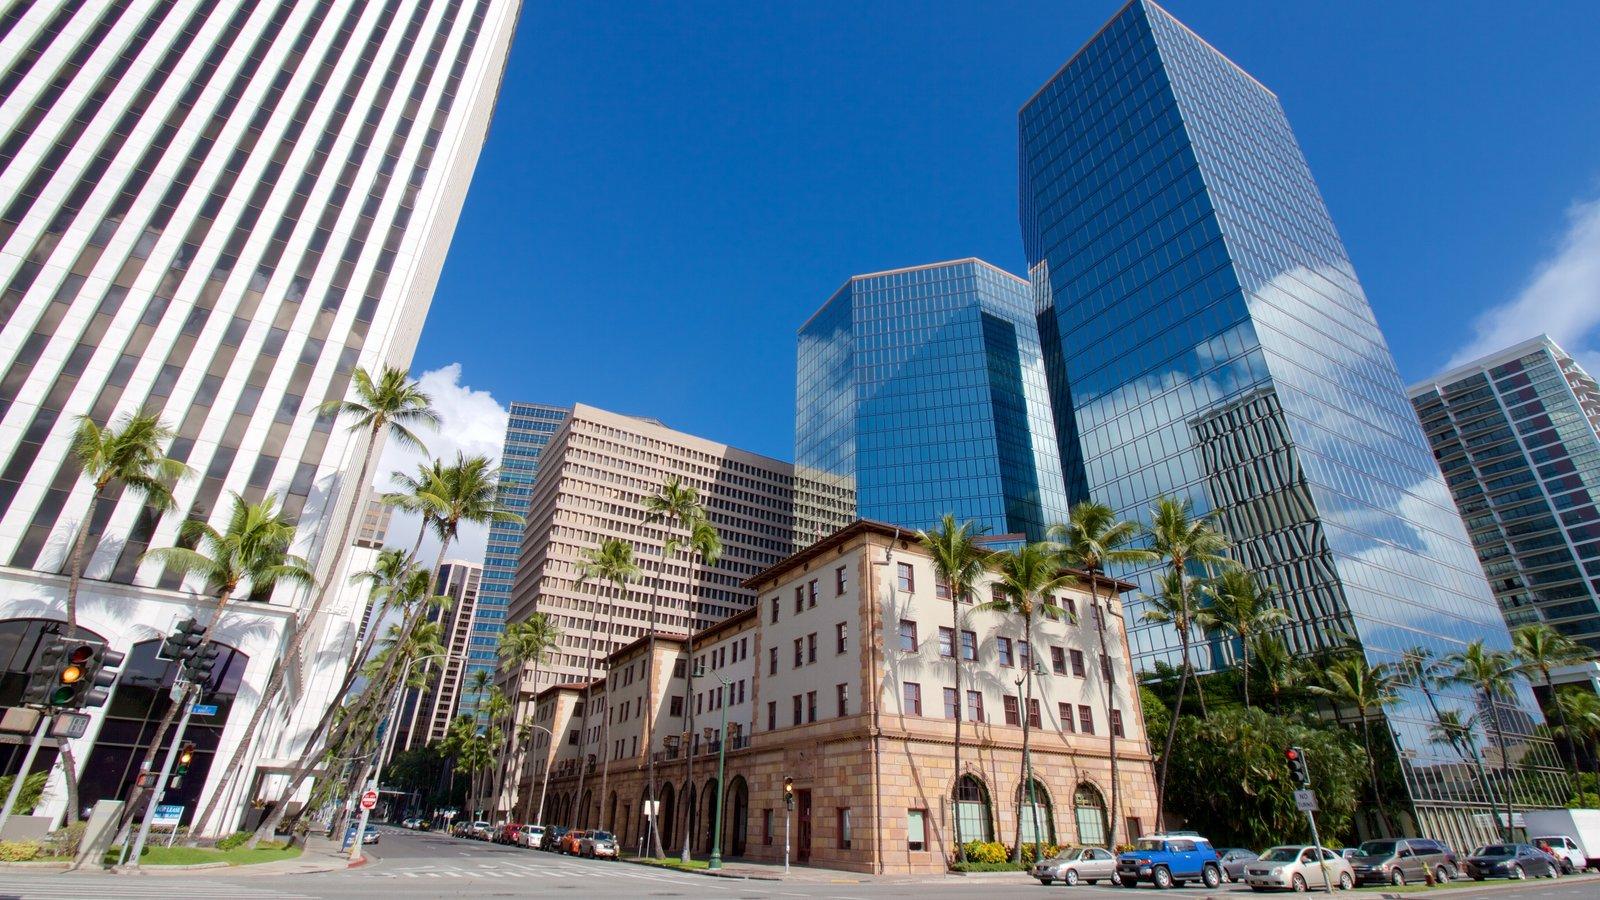 Oahu que inclui linha do horizonte, uma cidade e arquitetura moderna